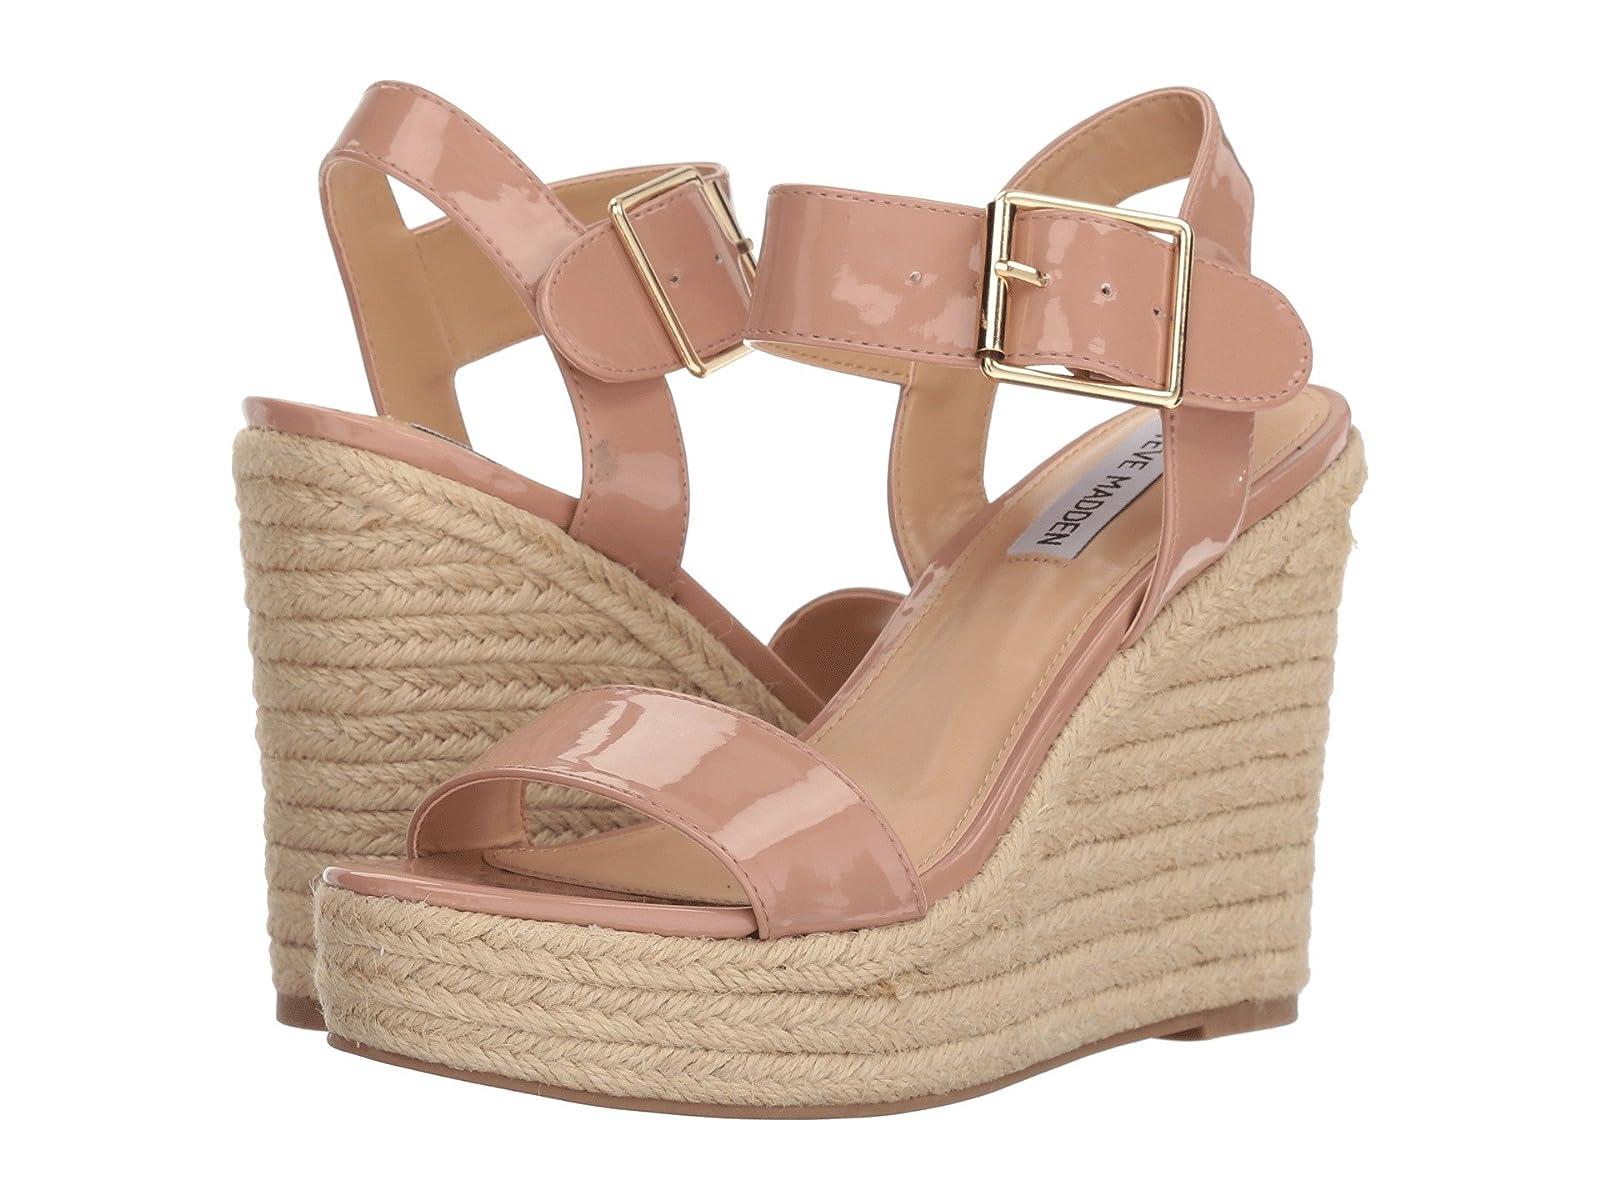 Steve Madden Santorini Espadrille Wedge SandalAtmospheric grades have affordable shoes